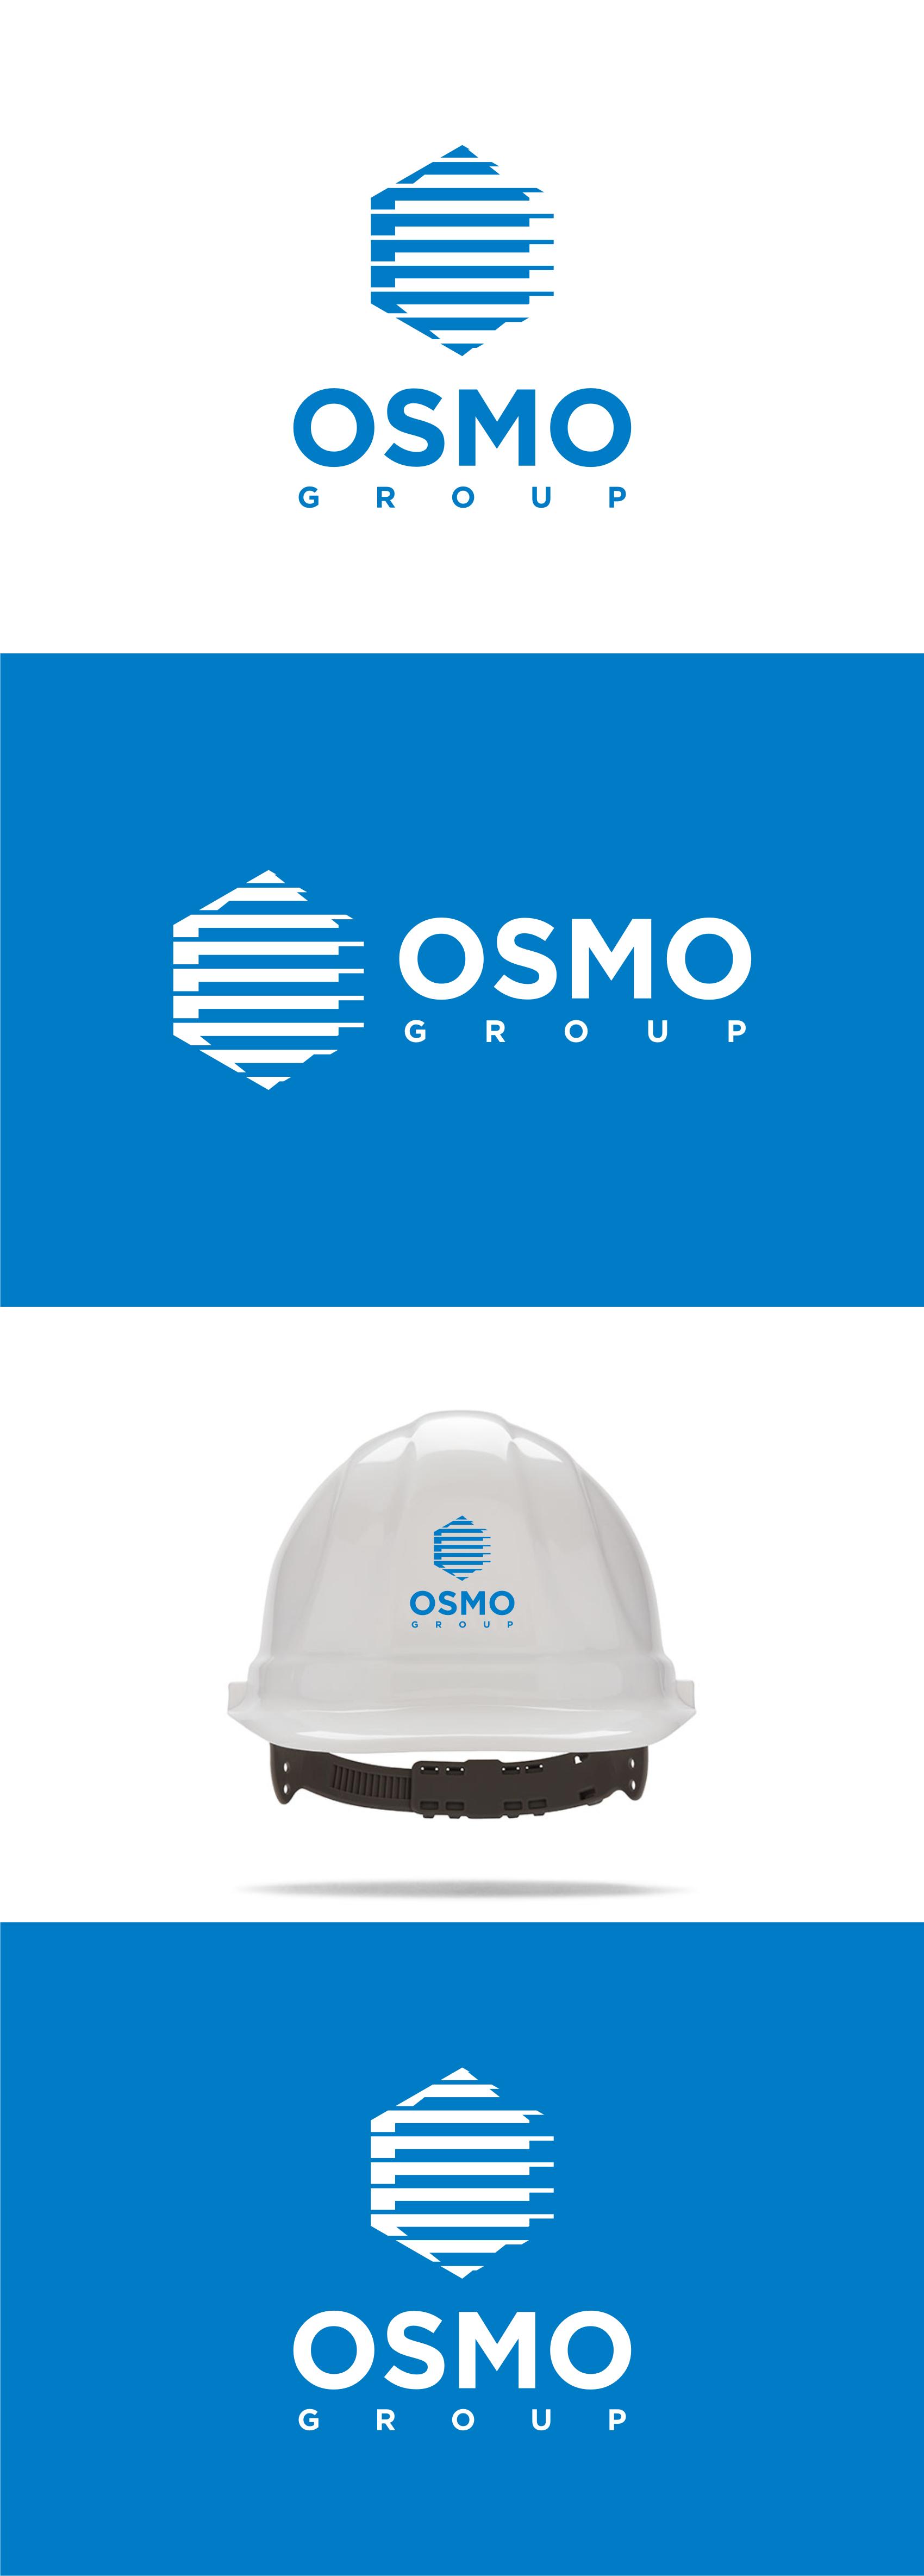 Создание логотипа для строительной компании OSMO group  фото f_71259b68bdc3459c.png